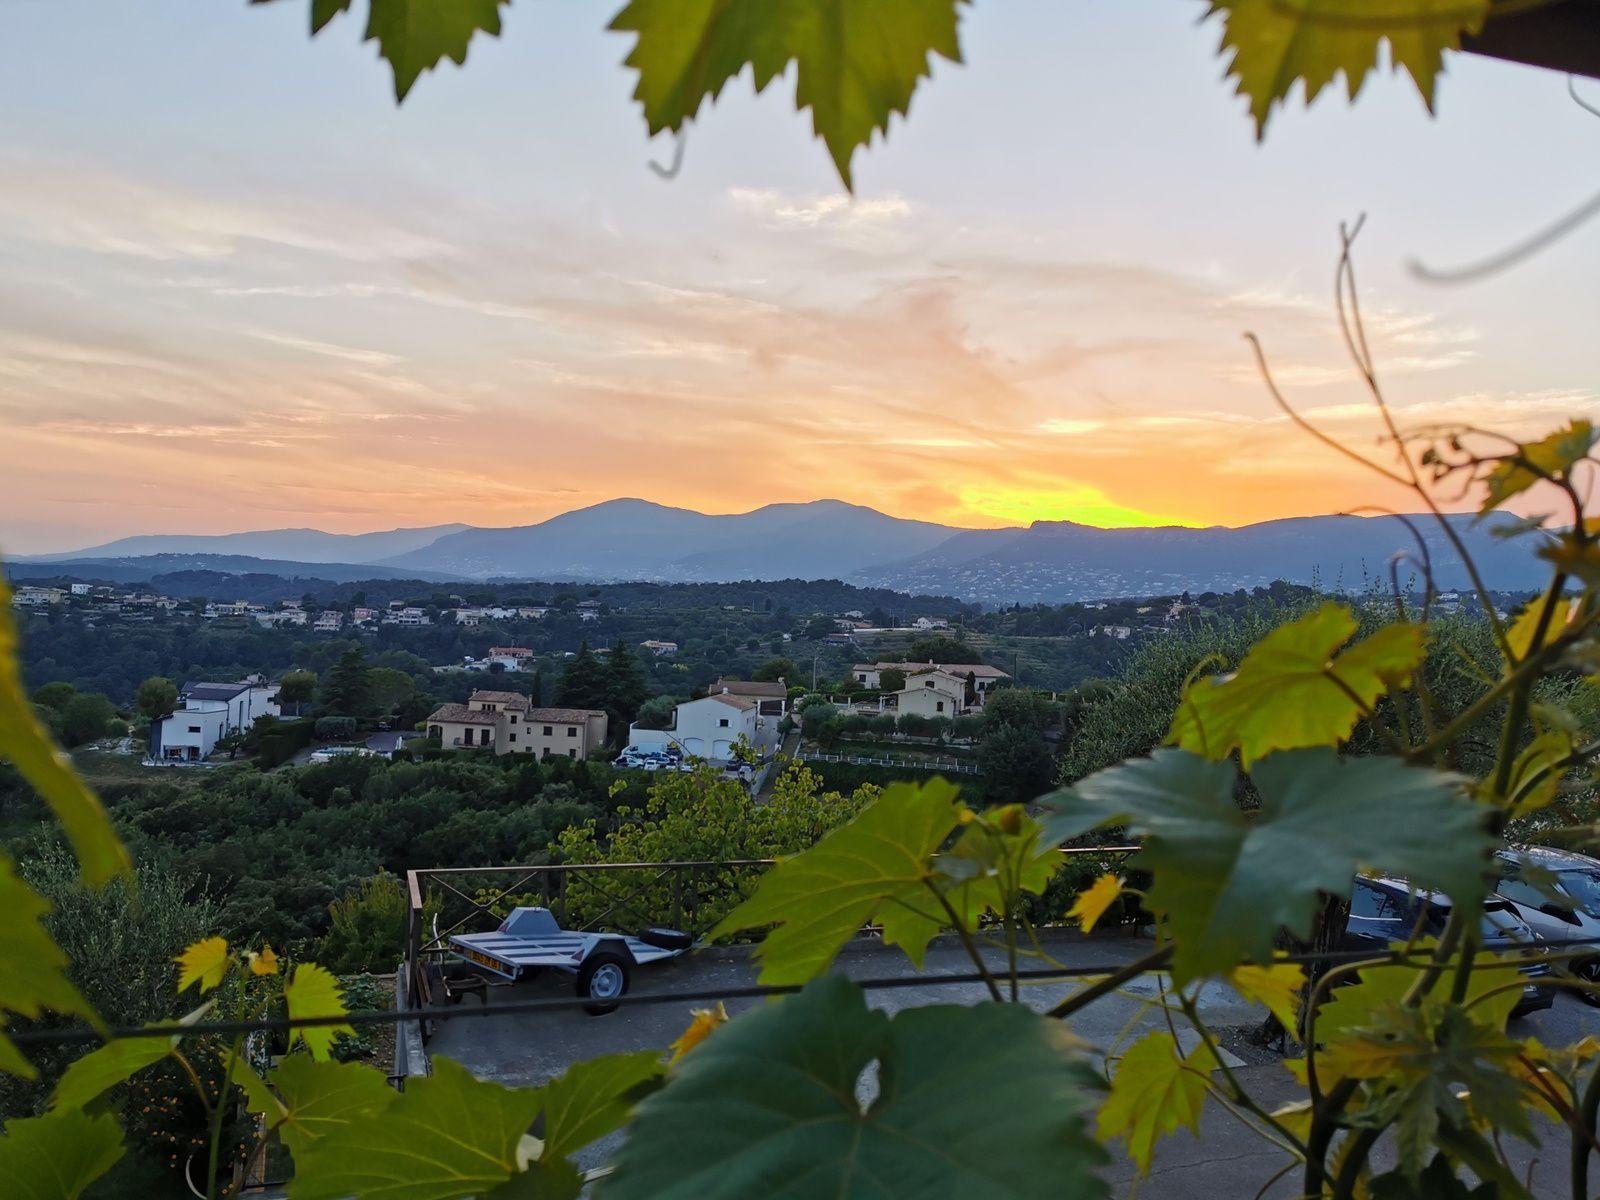 Et depuis la terrasse contempler, méditer (photographie @elodivague sans filtre, sans retouche - série paysage 2019)